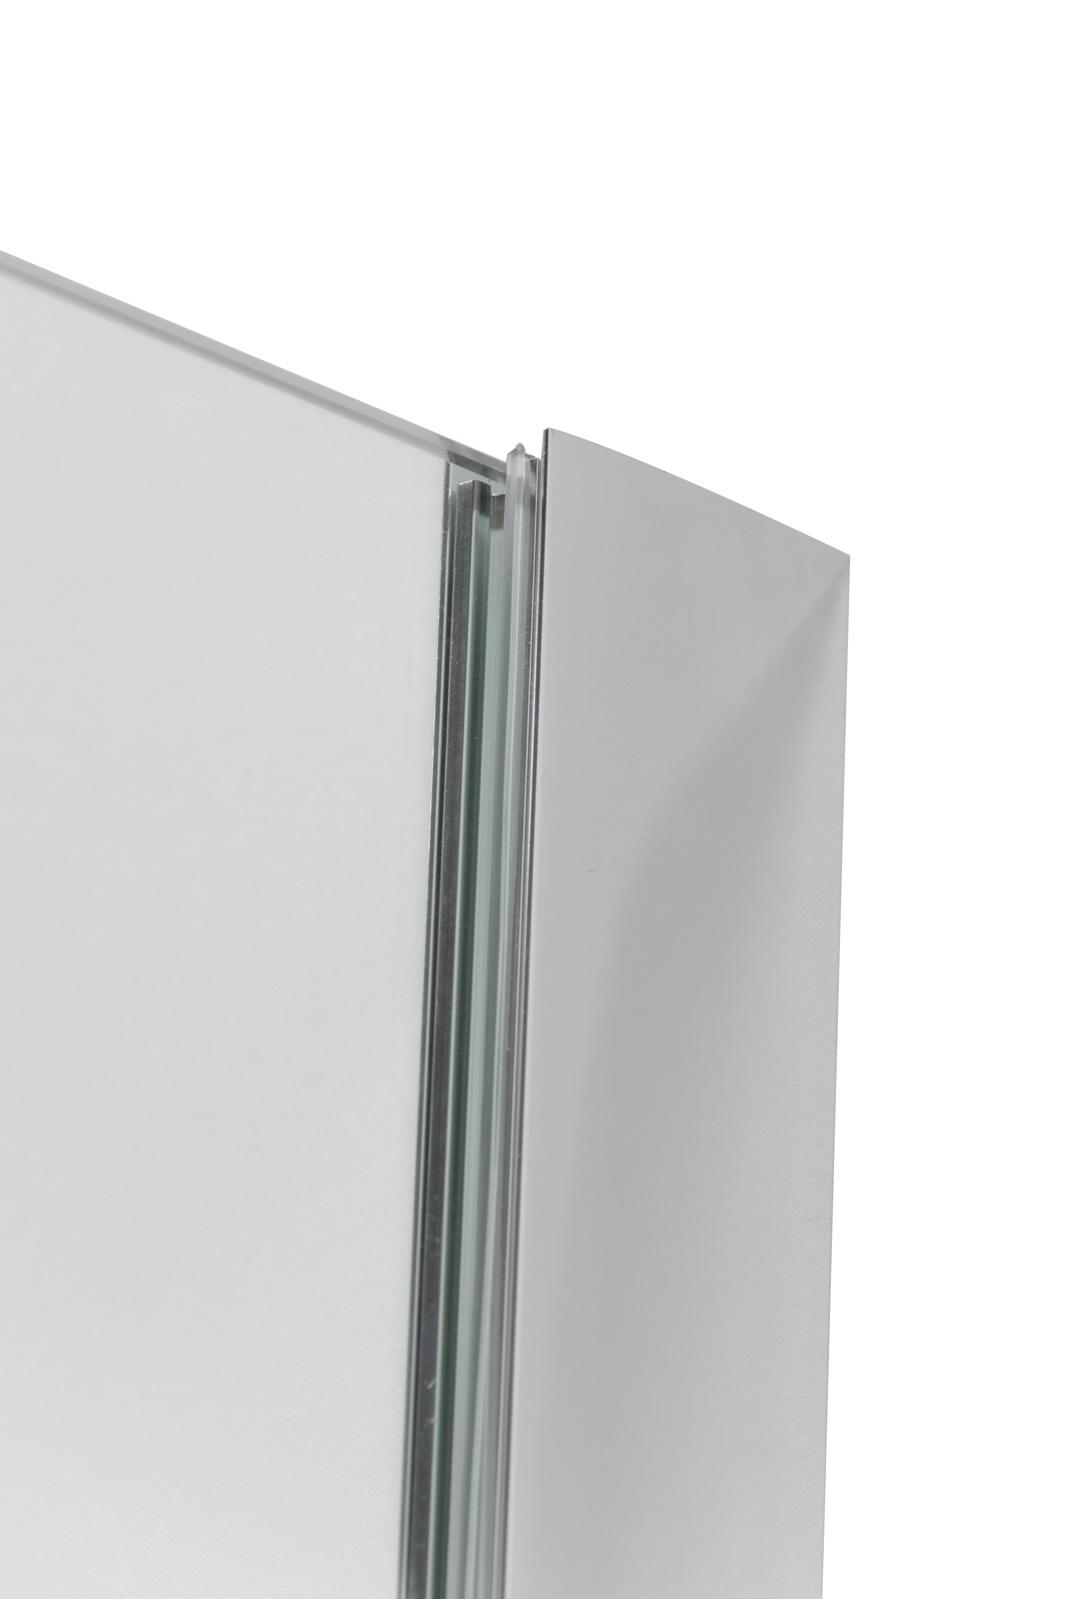 Linea Uno Inloopdouche Linea Uno 50 x 200 cm